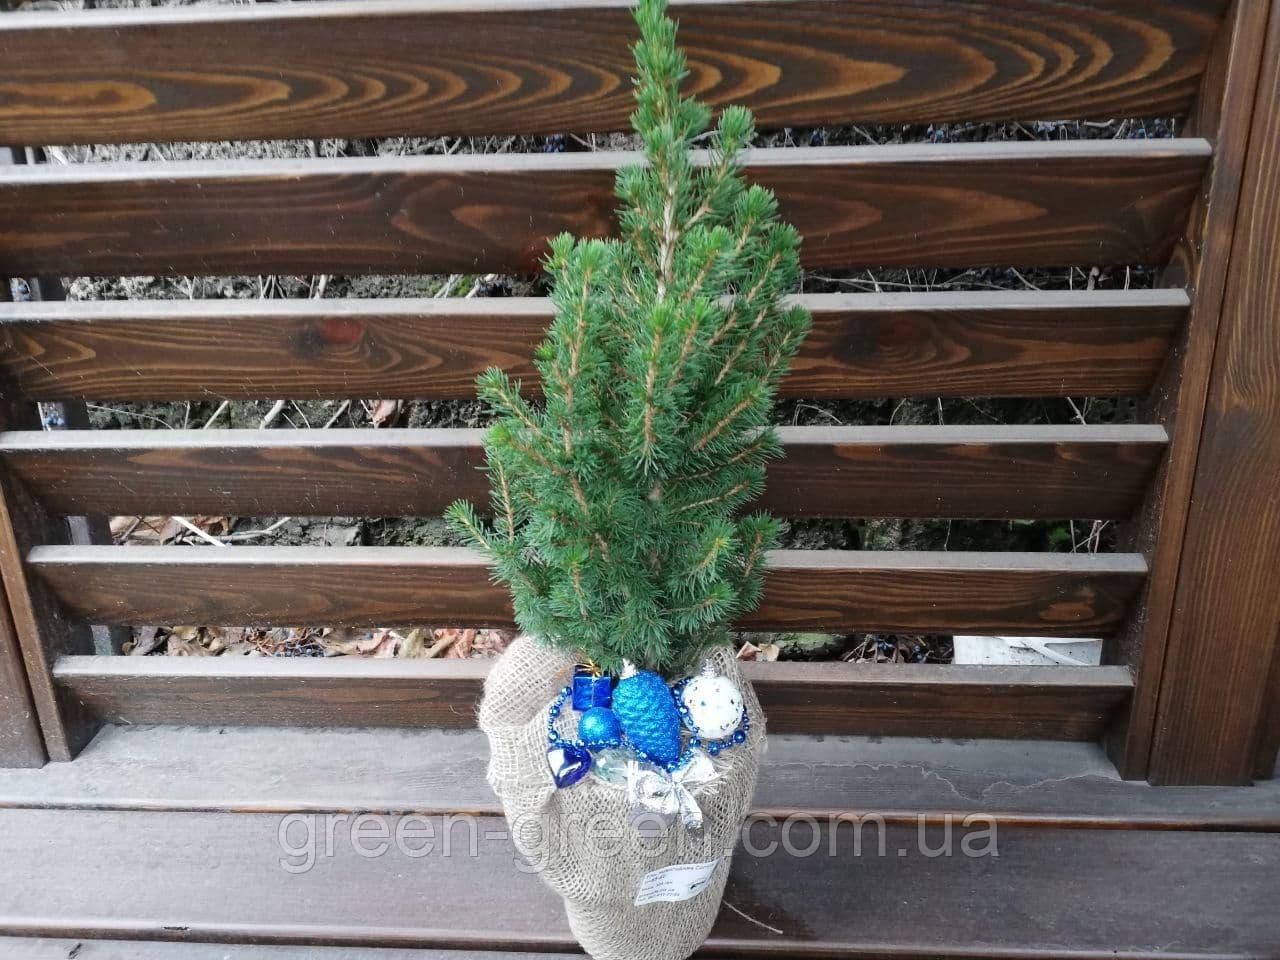 Ель новогодняя, синий декор, h=60см.